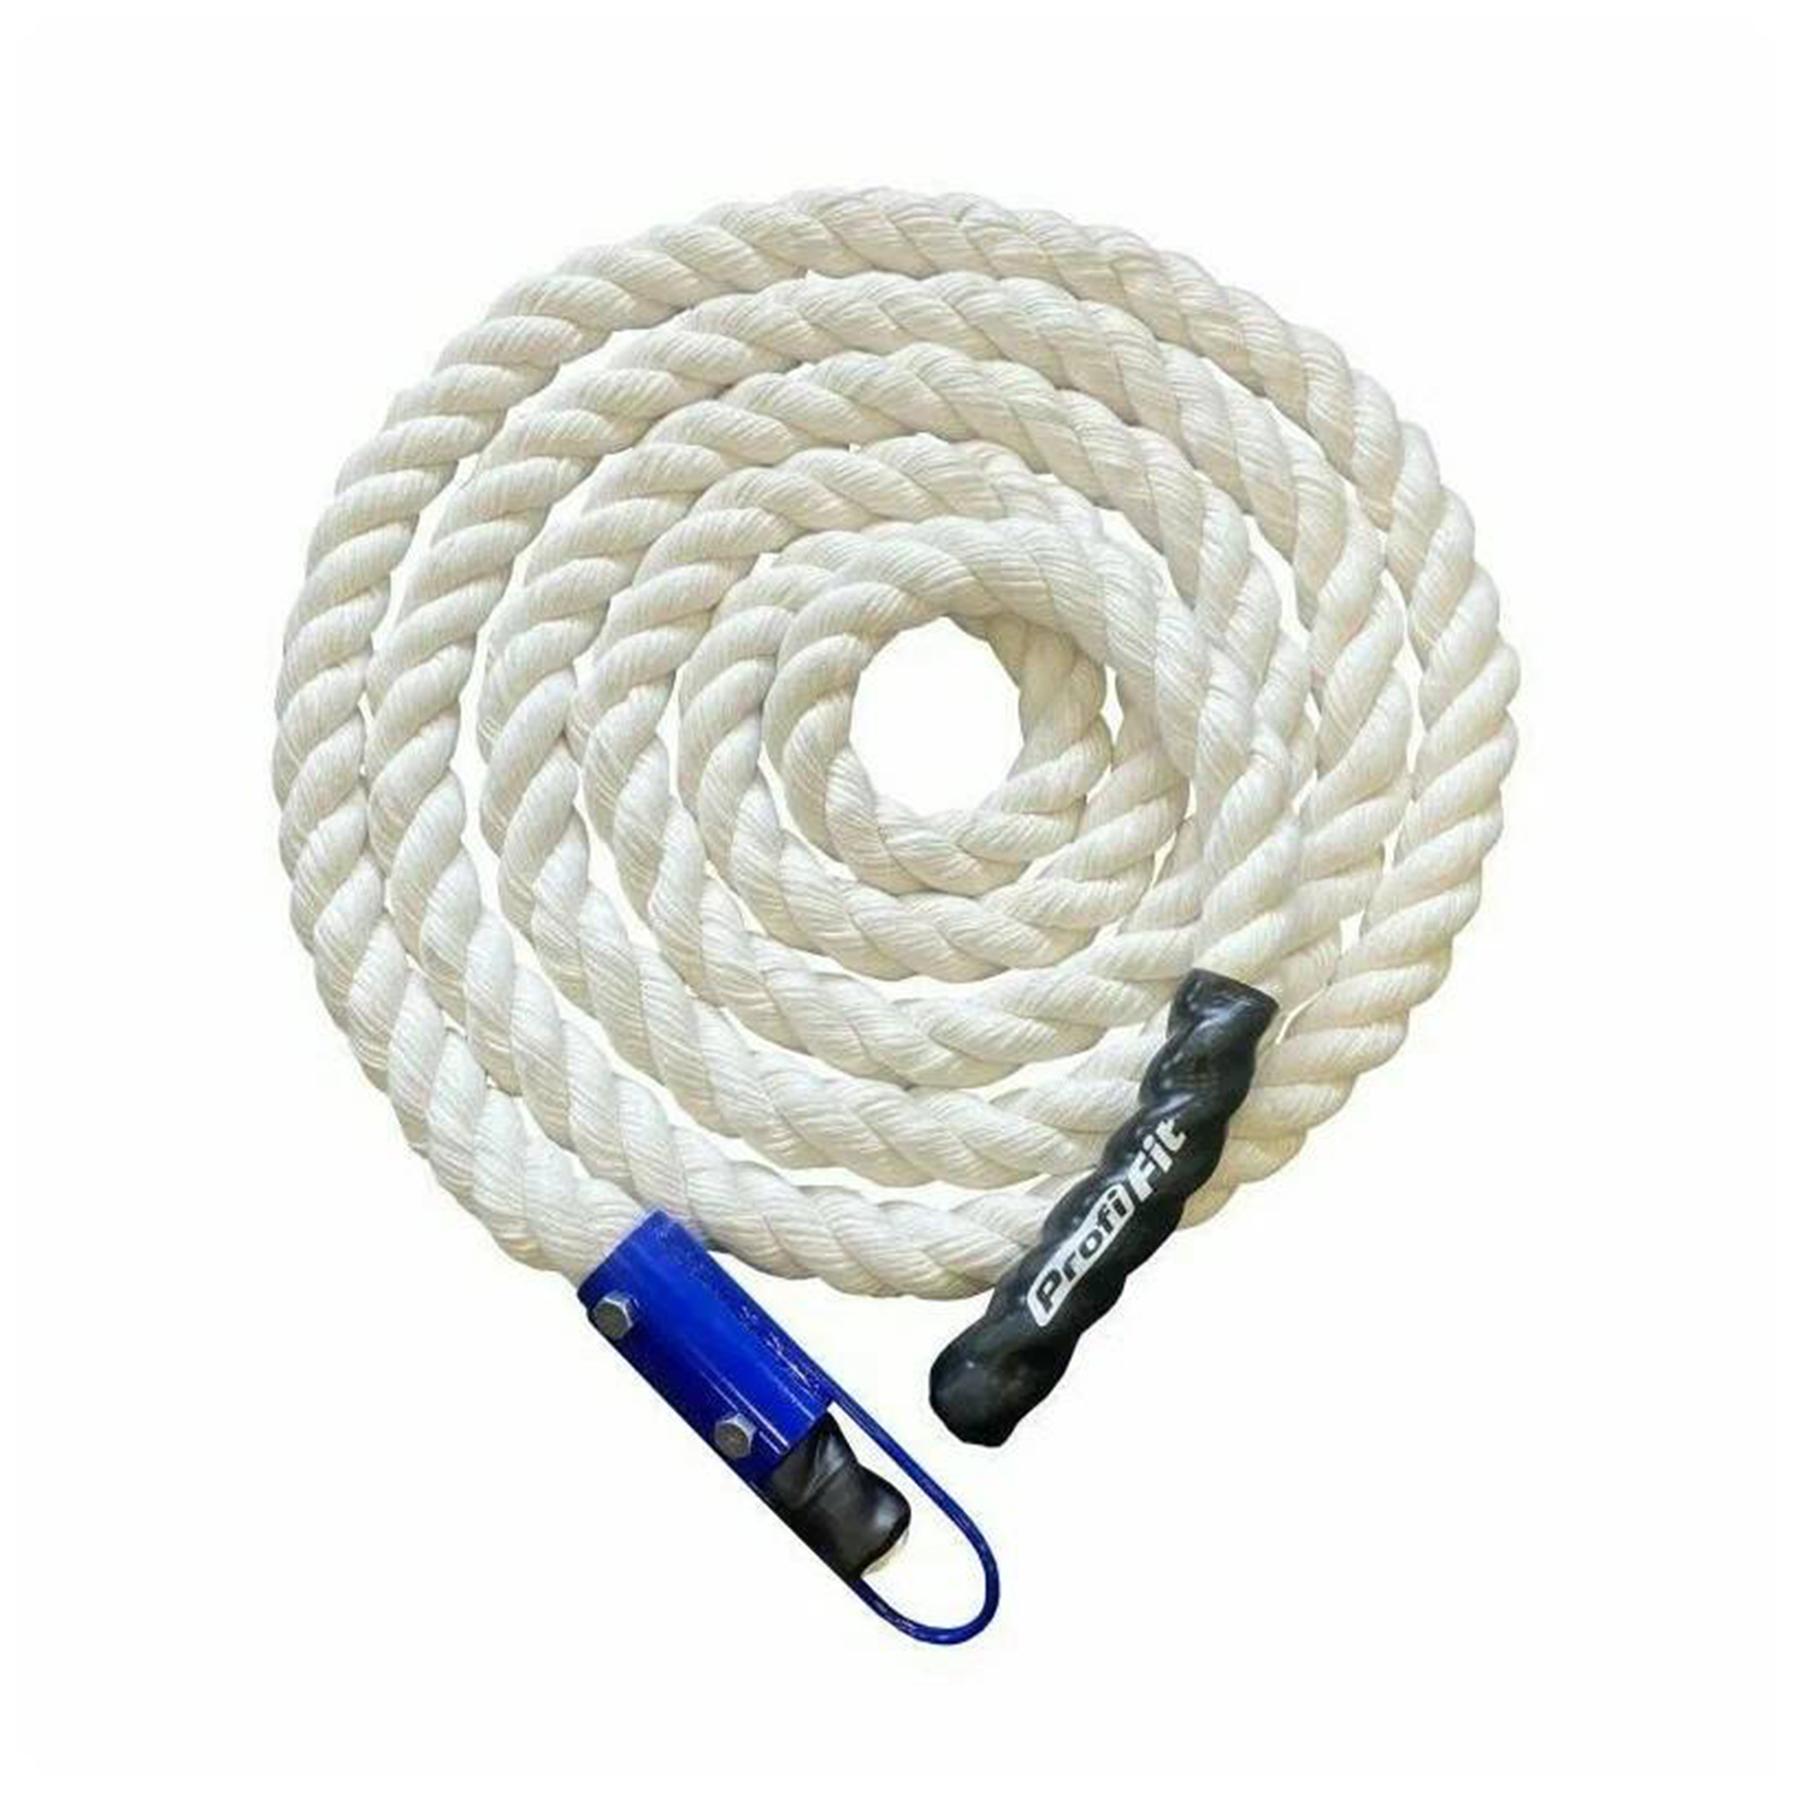 Канат х/б 3м d=40мм с крепежным стаканом и крюком